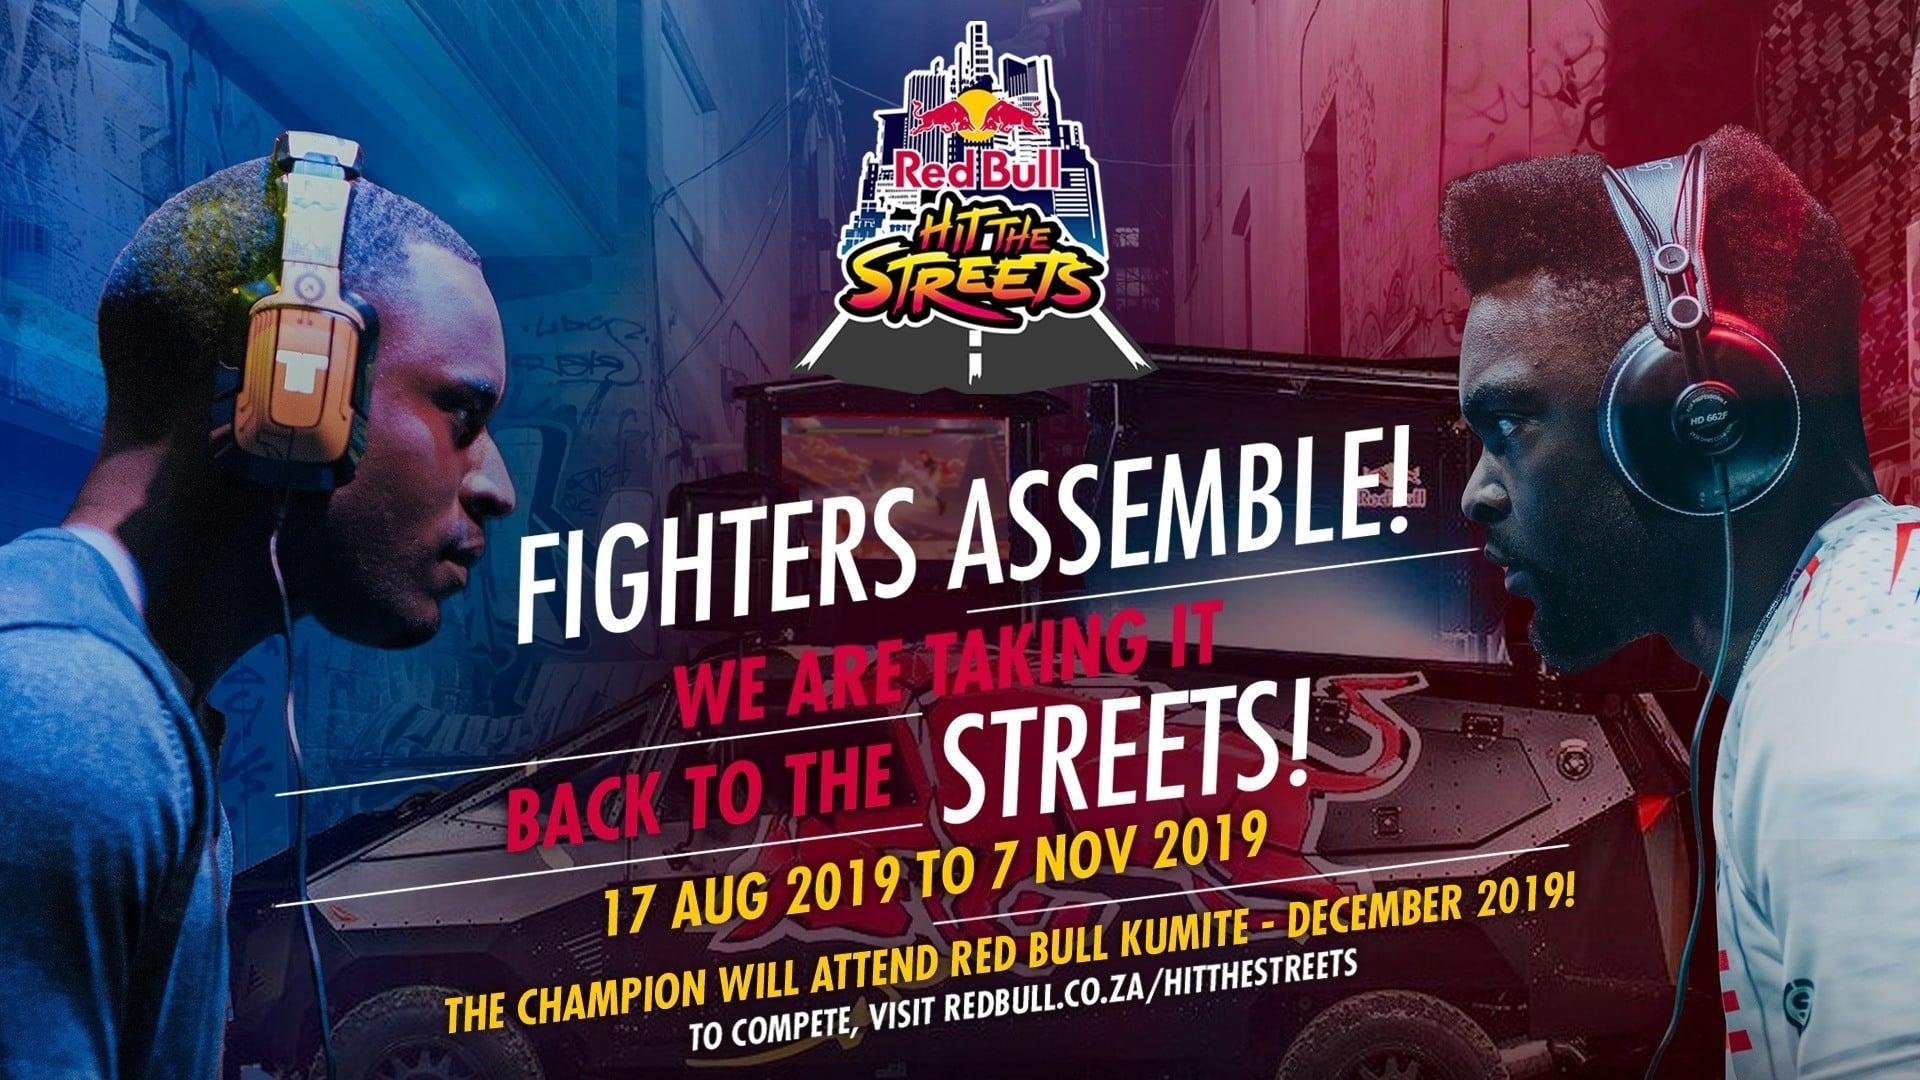 Red bull hit the streets street fighter V